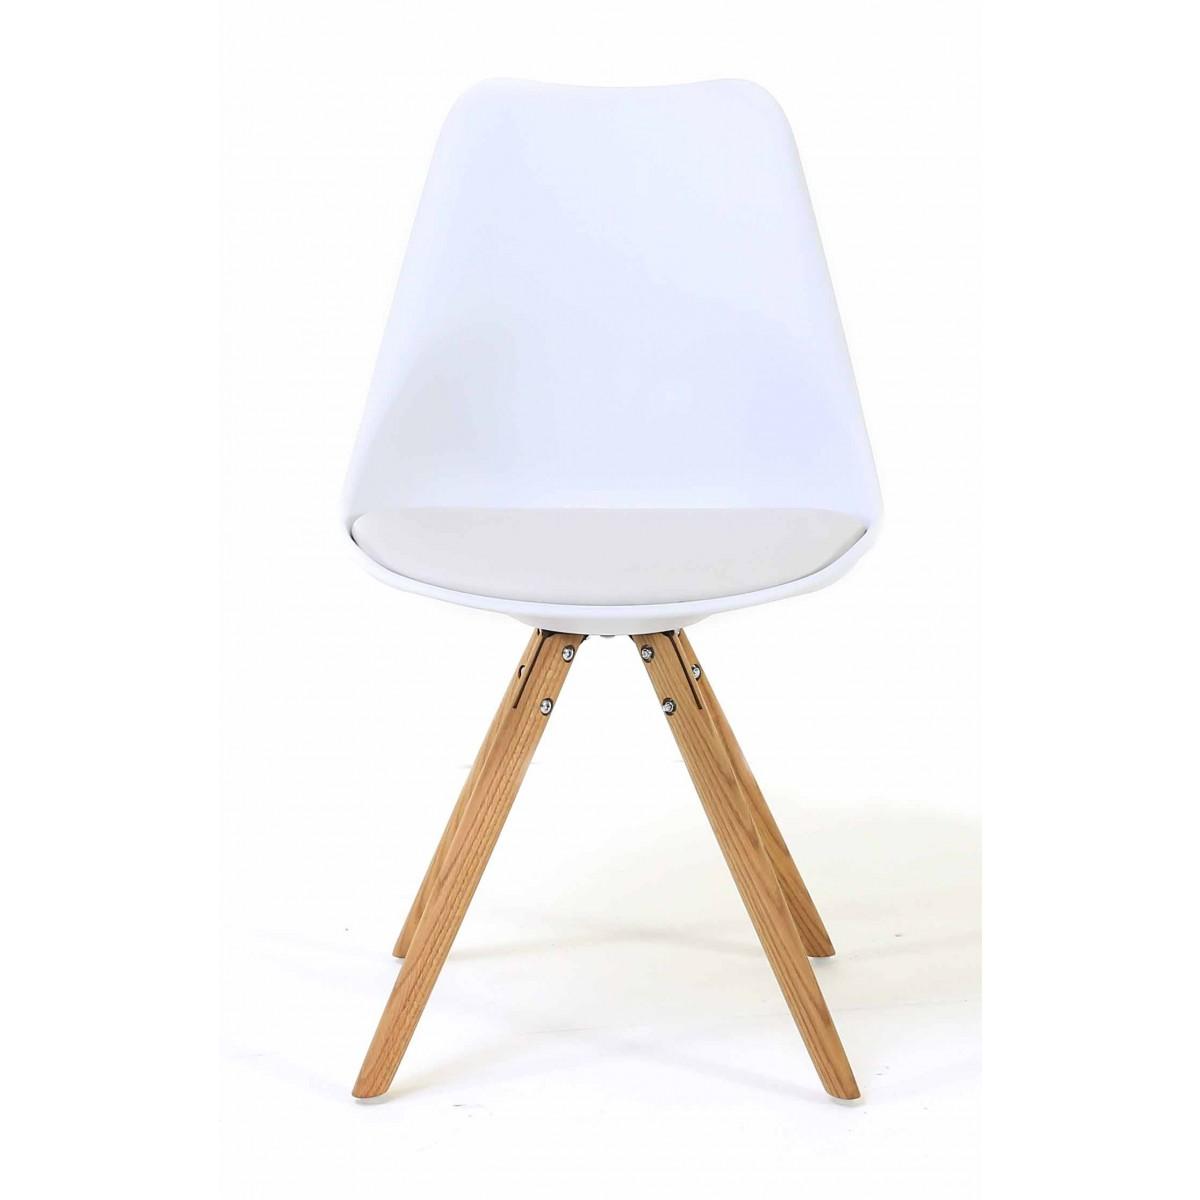 Chaise blanche le monde de l a for Le monde de la chaise